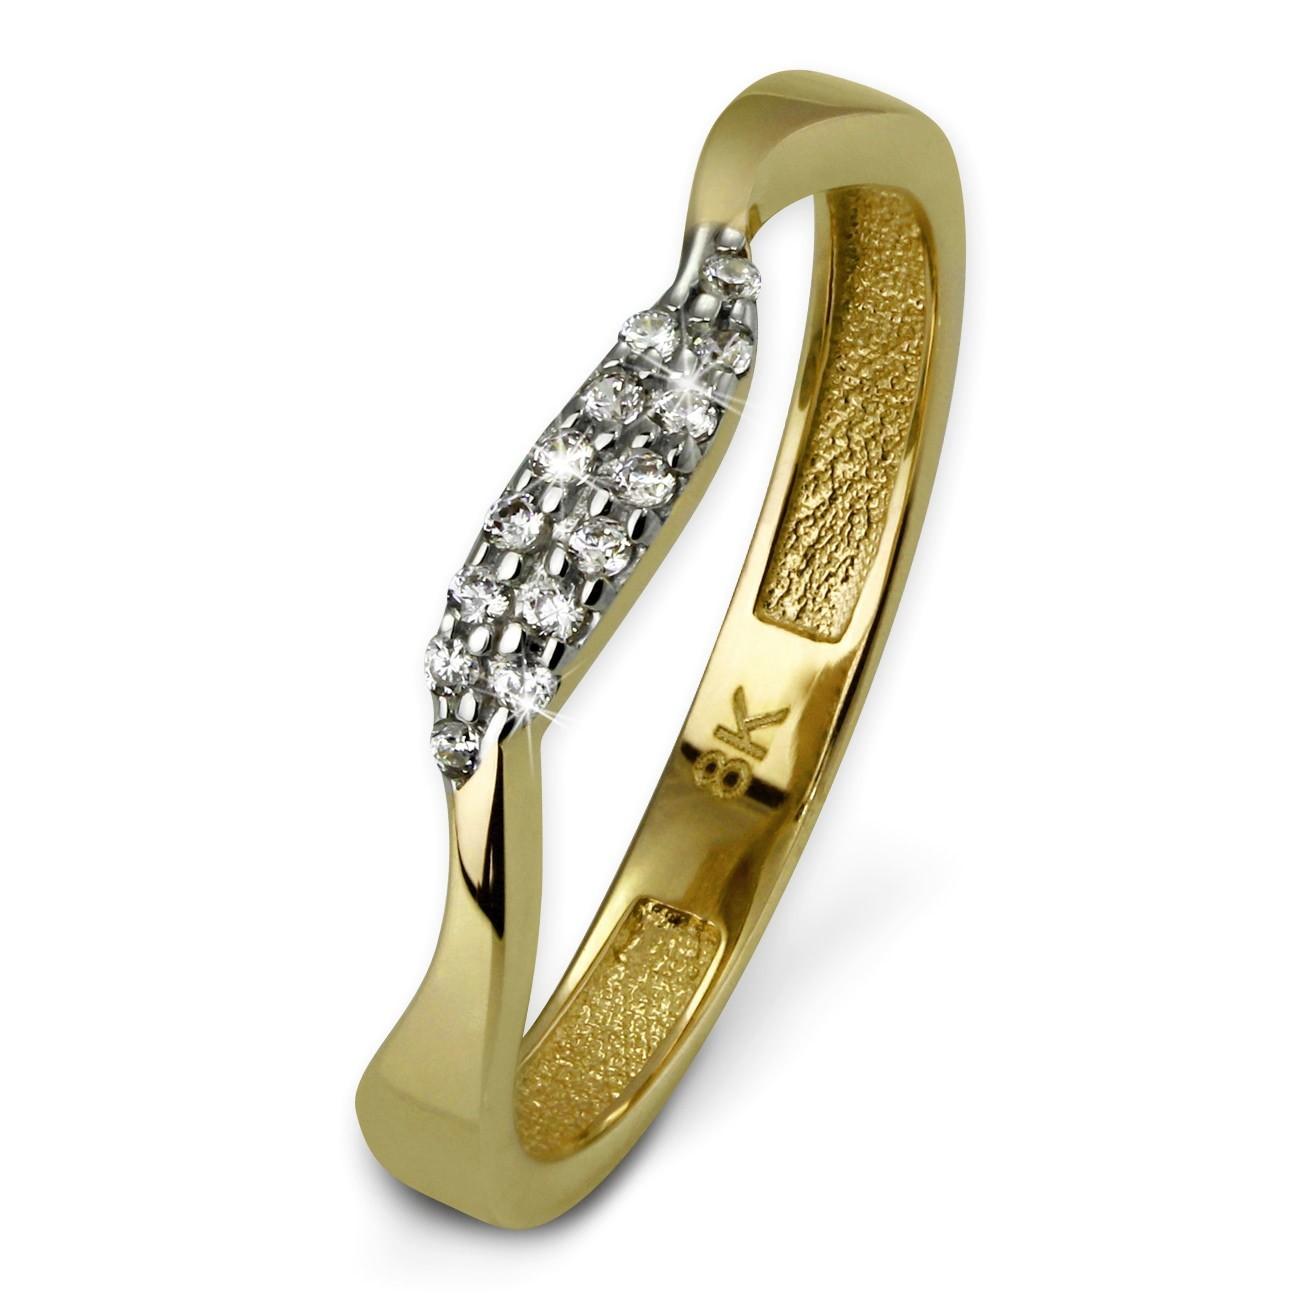 SilberDream Gold Ring Welle Zirkonia weiß Gr.56 333er Gelbgold GDR501Y56